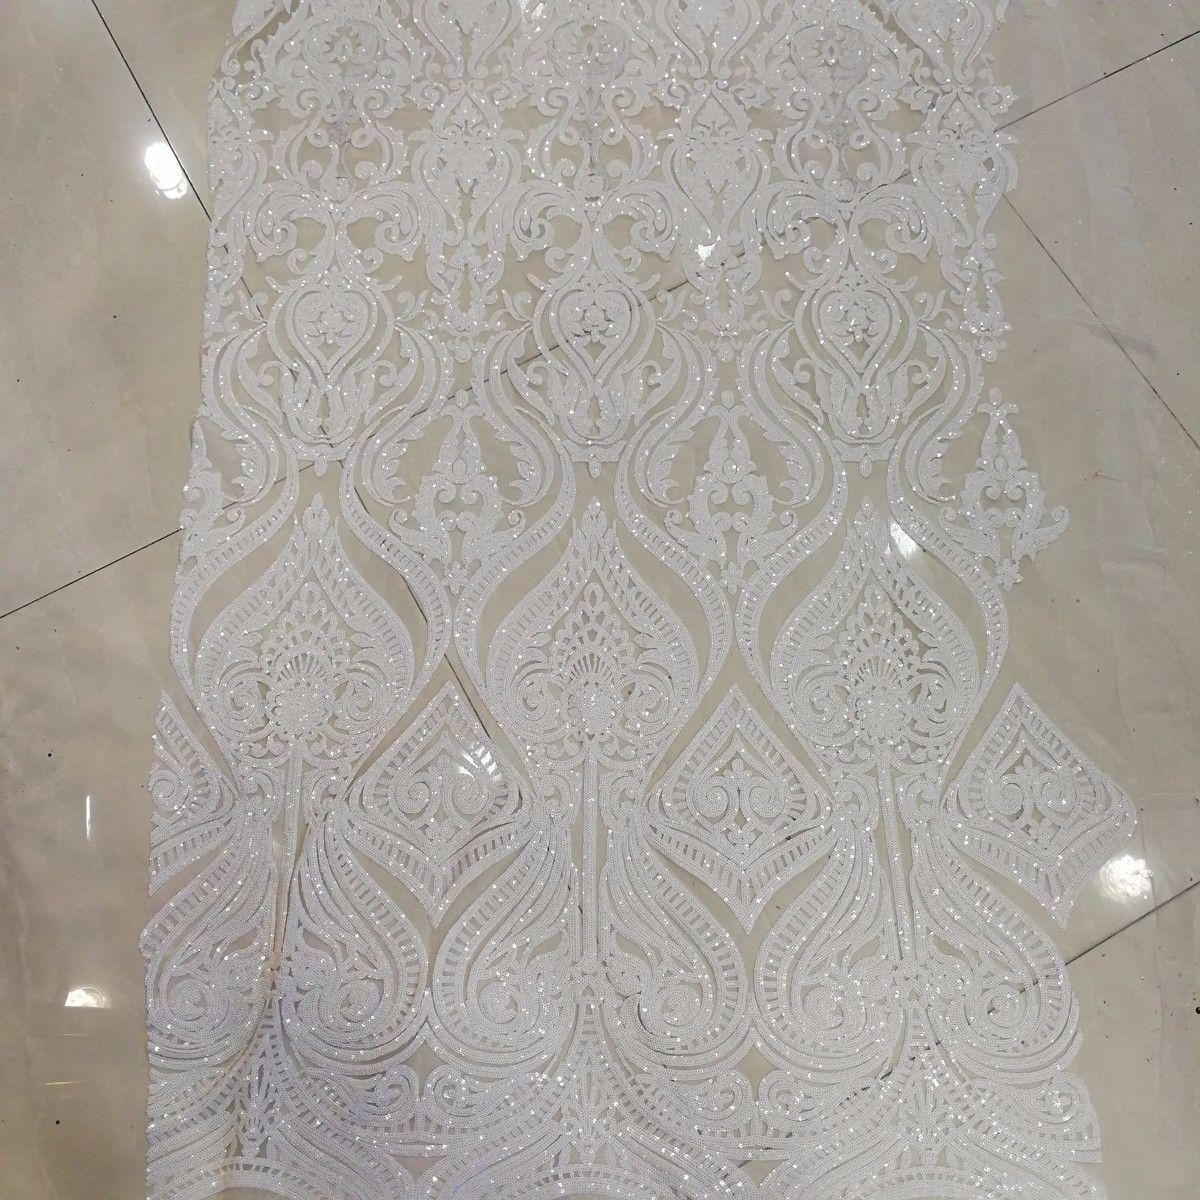 Ткань купить караганда платье футляр выкройка 54 размер